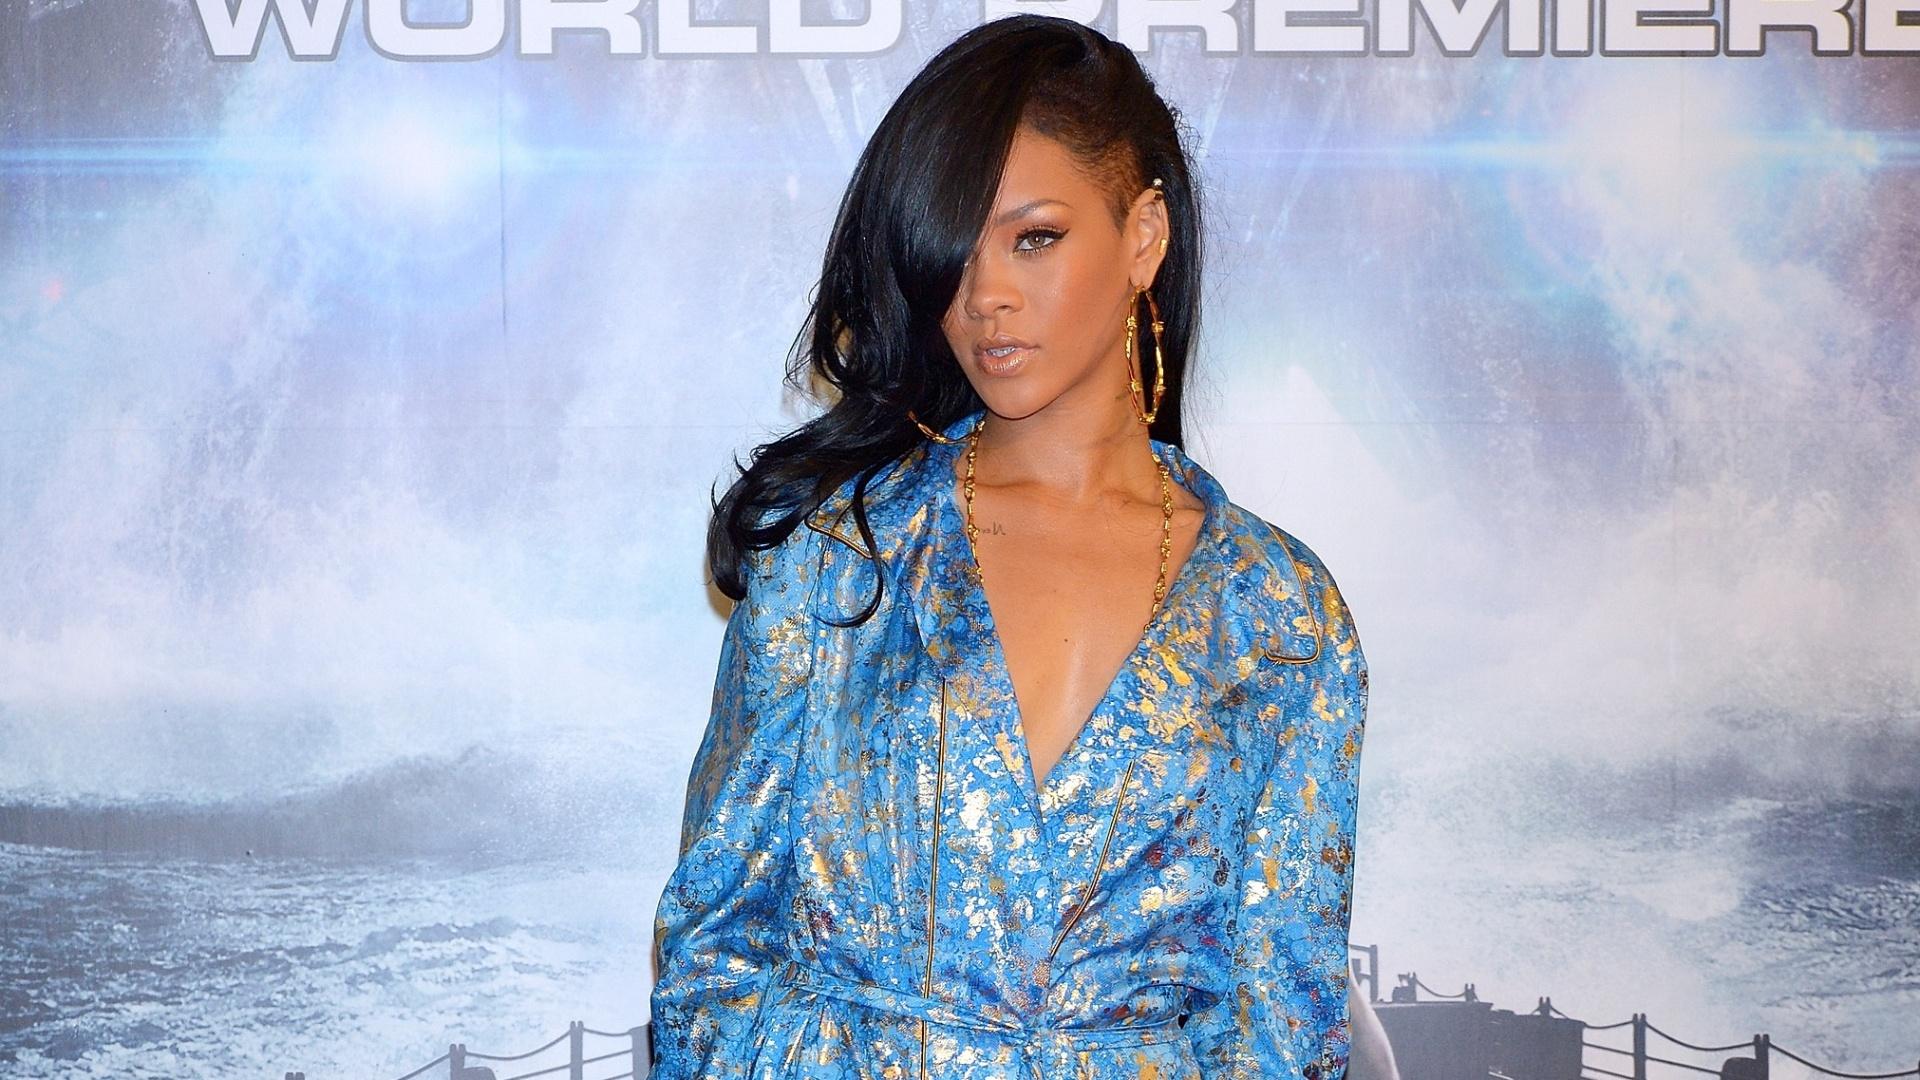 3.abr.2013 - A cantora Rihanna vai de pijama à première de